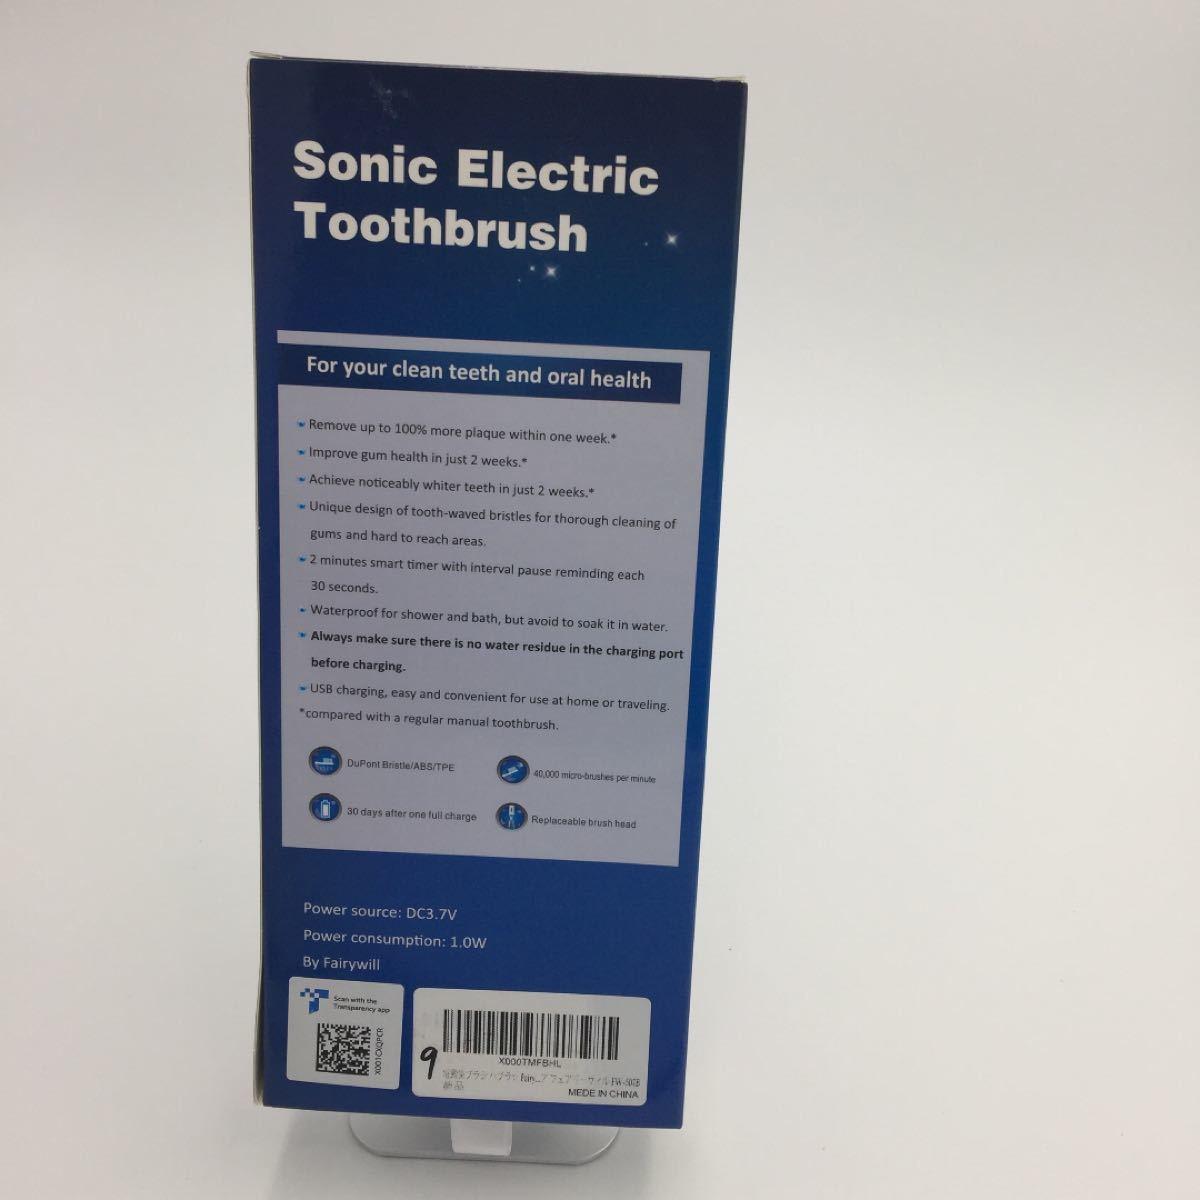 電動歯ブラシ 歯ブラシ 音波歯ブラシ 替えブラシ3本と歯間ブラシ1本付き ソニック 電動歯磨き